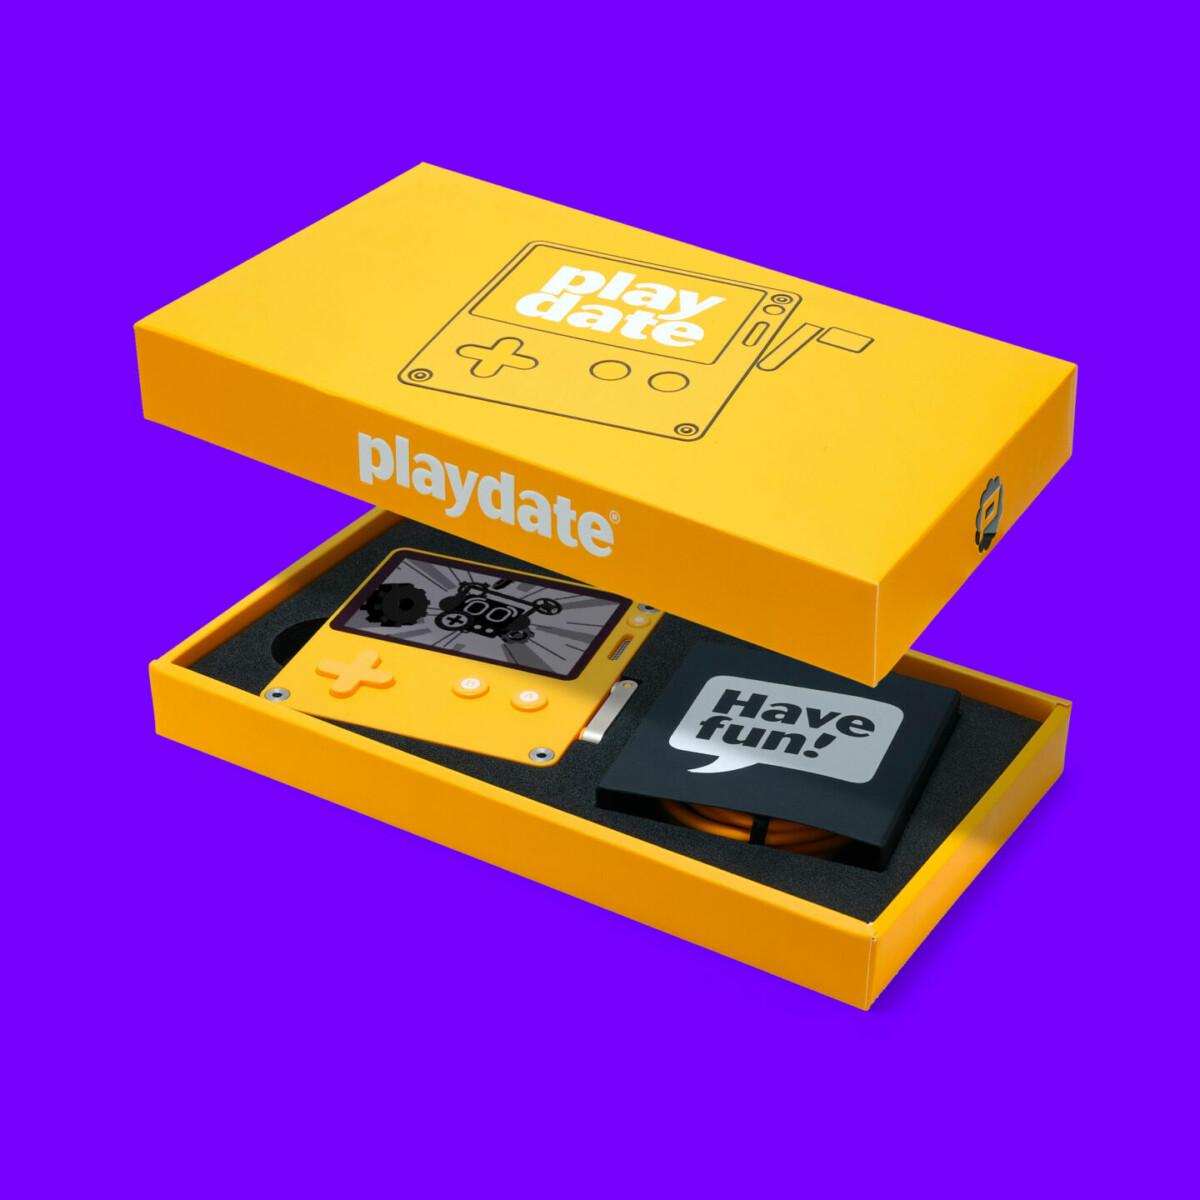 La petite console Playdate arrive enfin : prix, disponibilité et premiers jeux